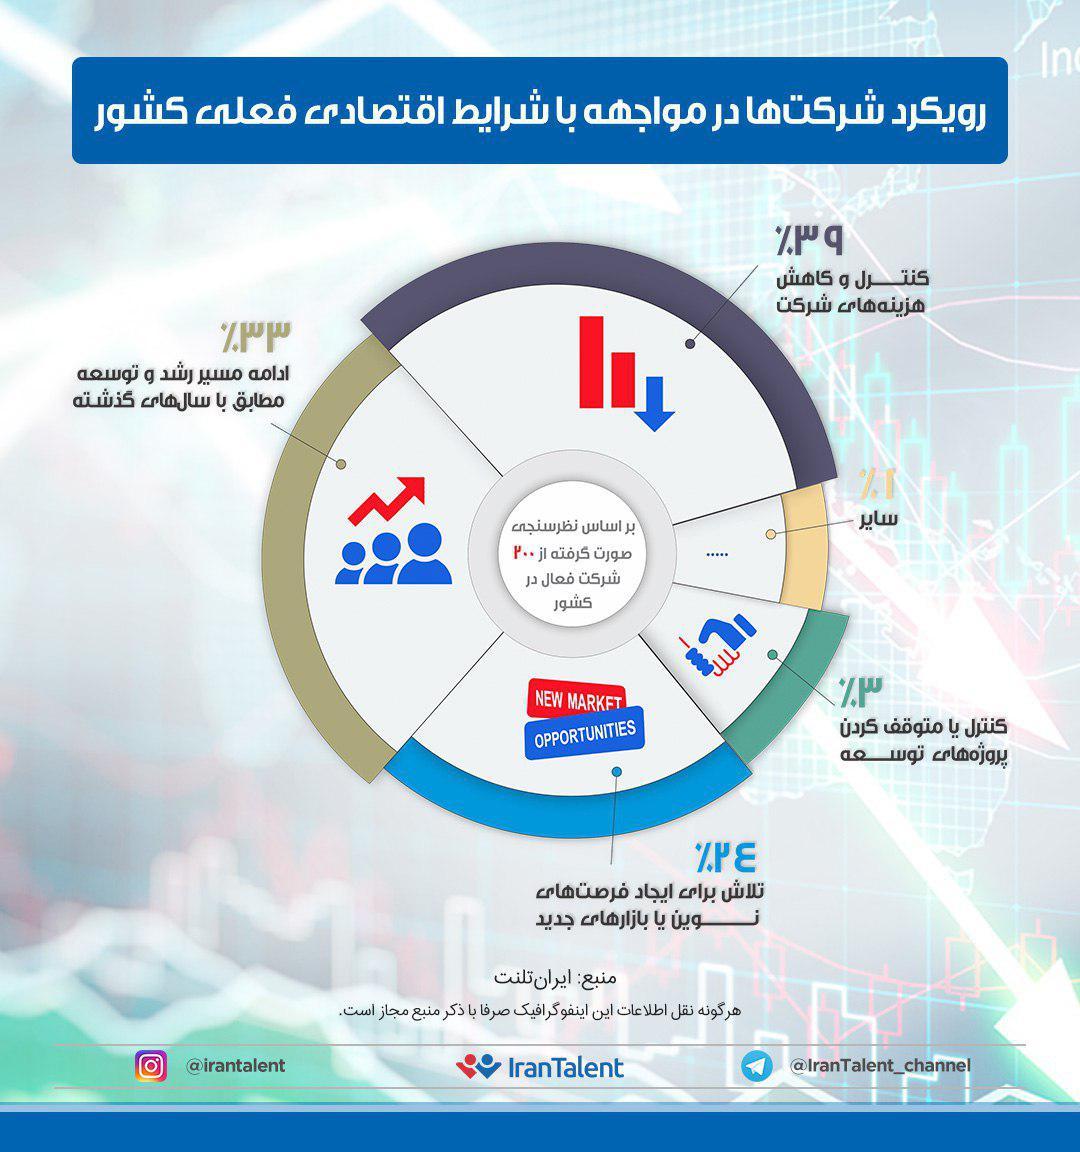 39 درصد از شرکتها رویکرد انقباضی در پیش گرفتهاند!